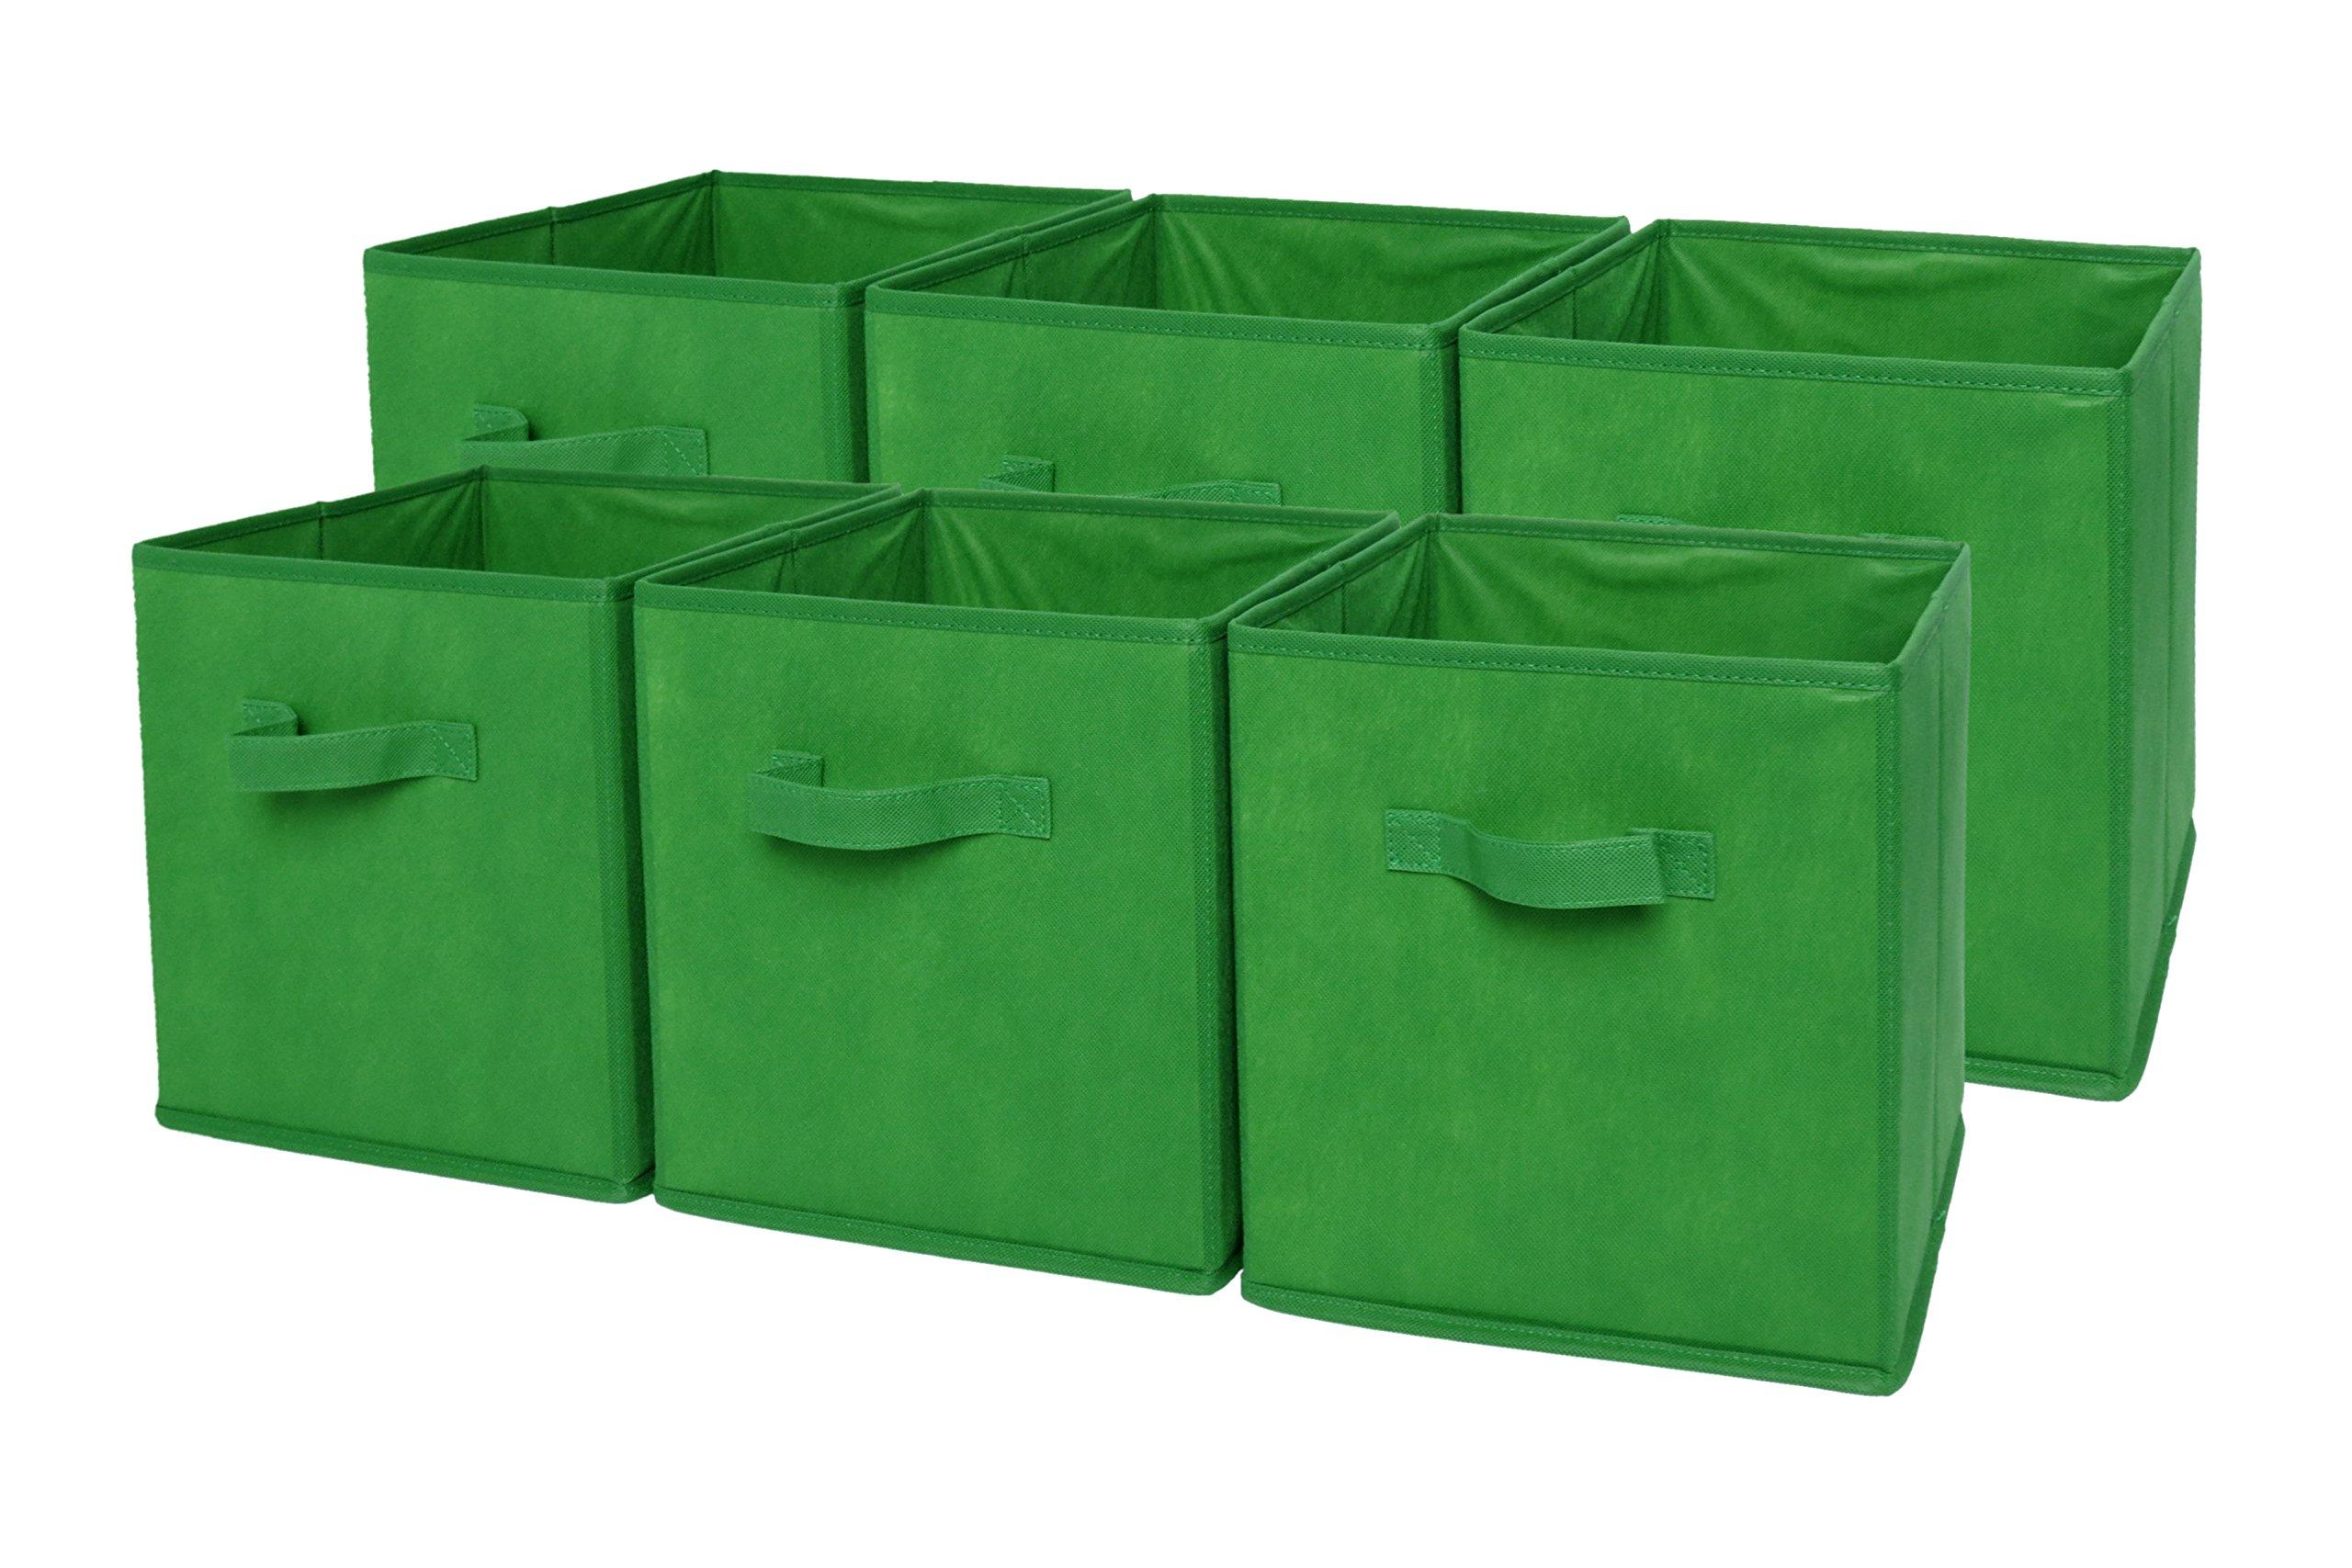 Sodynee Foldable Cloth Storage Cube Basket Bins Organizer